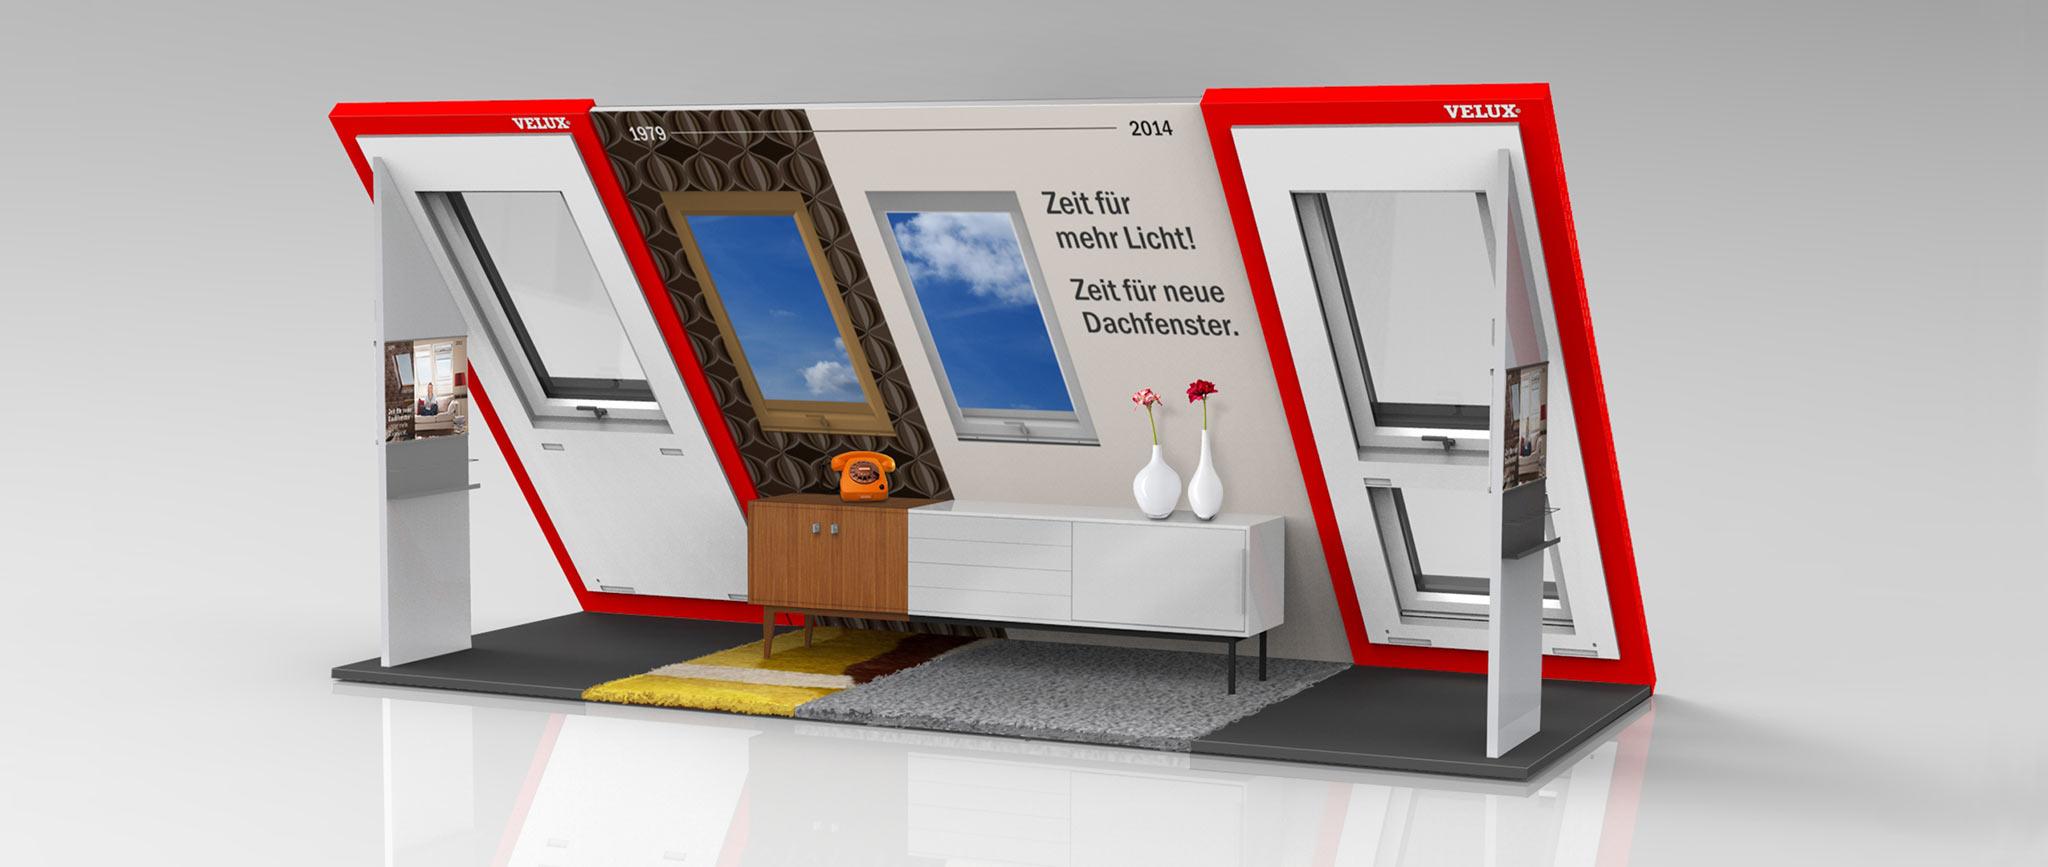 Velux Shop-in-Shop System für den Fachhandel: Shopdesign von Agentur Preussisch Portugal